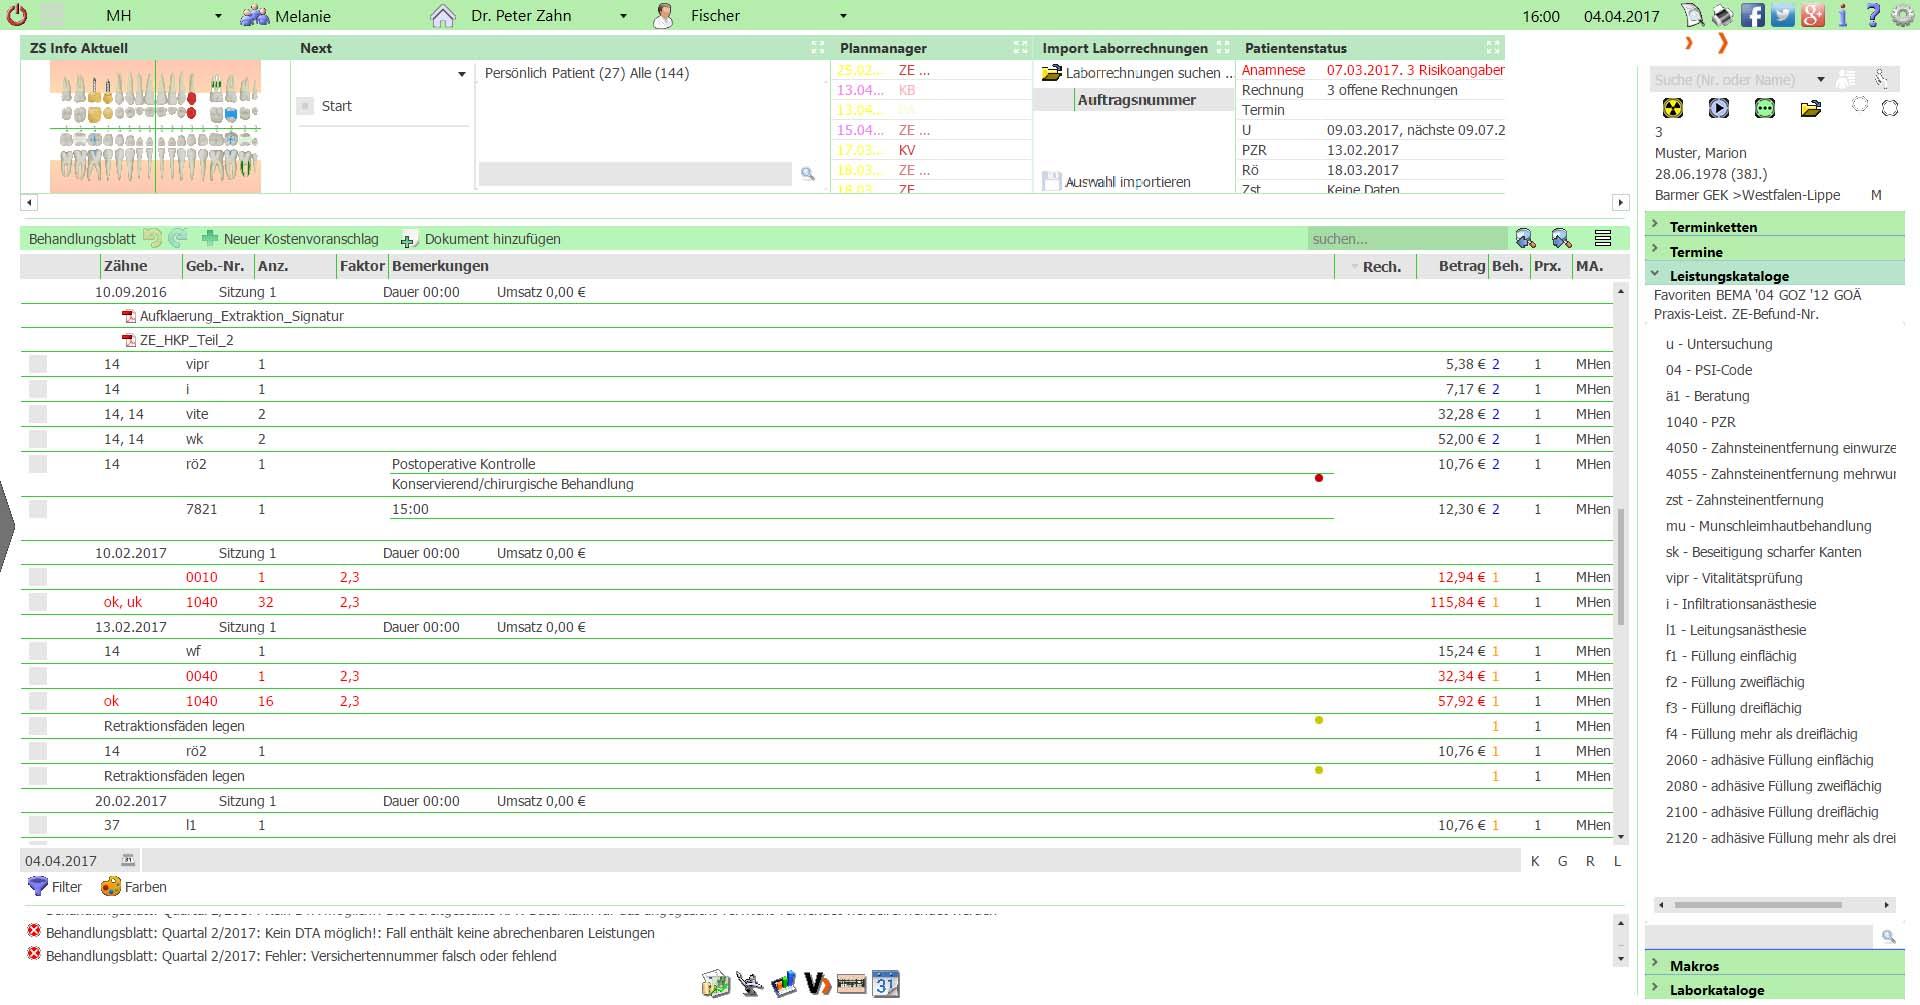 VISInext Behandlungsblatt / Patientenakte - BDV Branchen-Daten-Verarbeitung GmbH